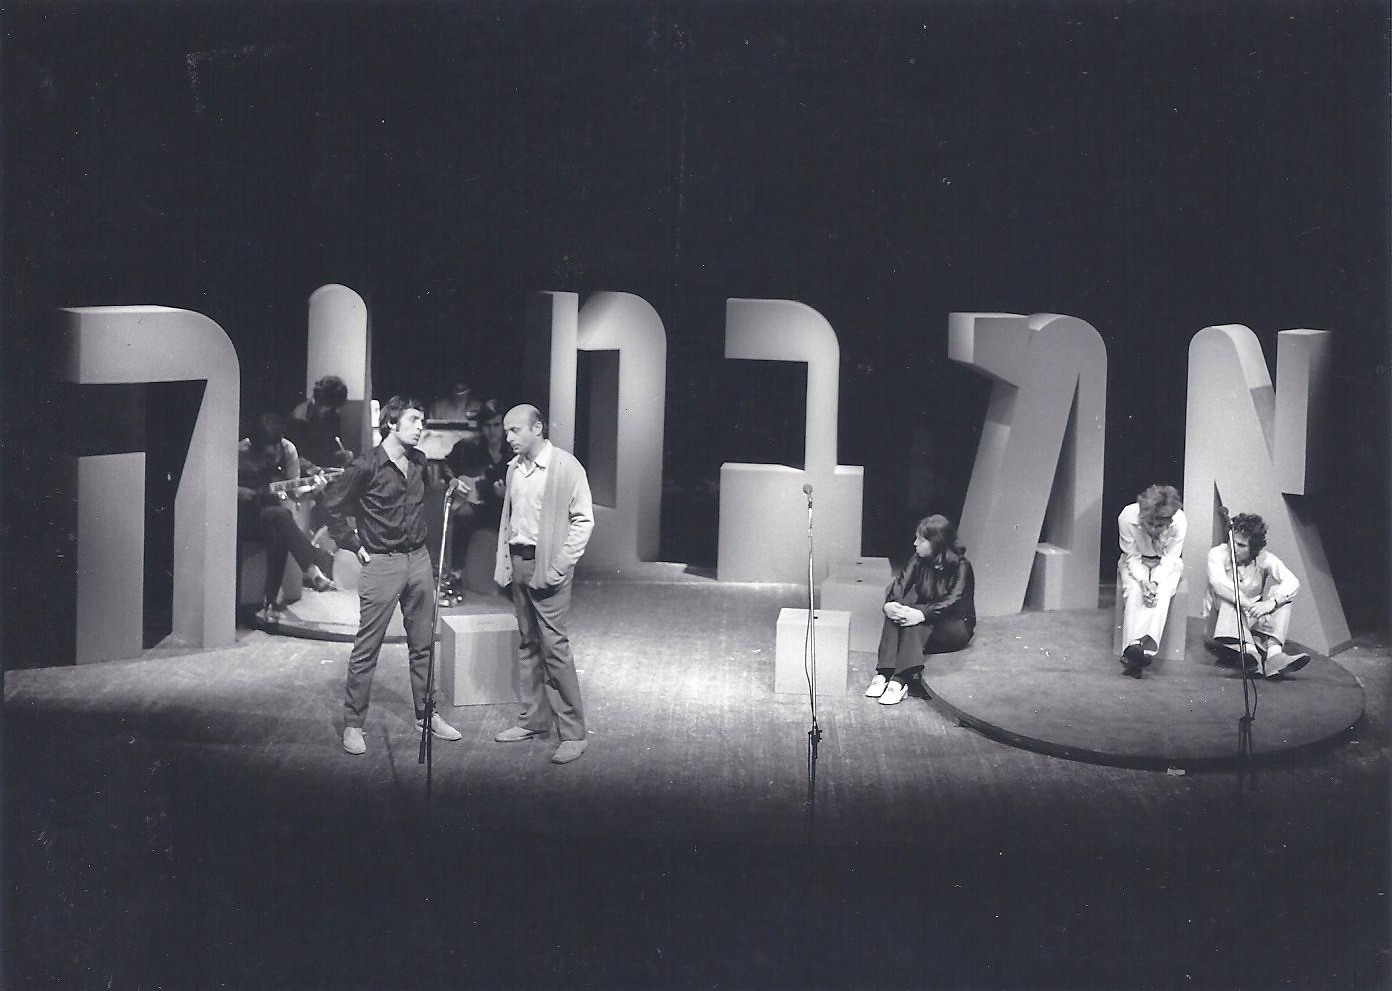 צילום: ישראל הרמתי, באדיבות ארכיון תיאטרון הקאמרי